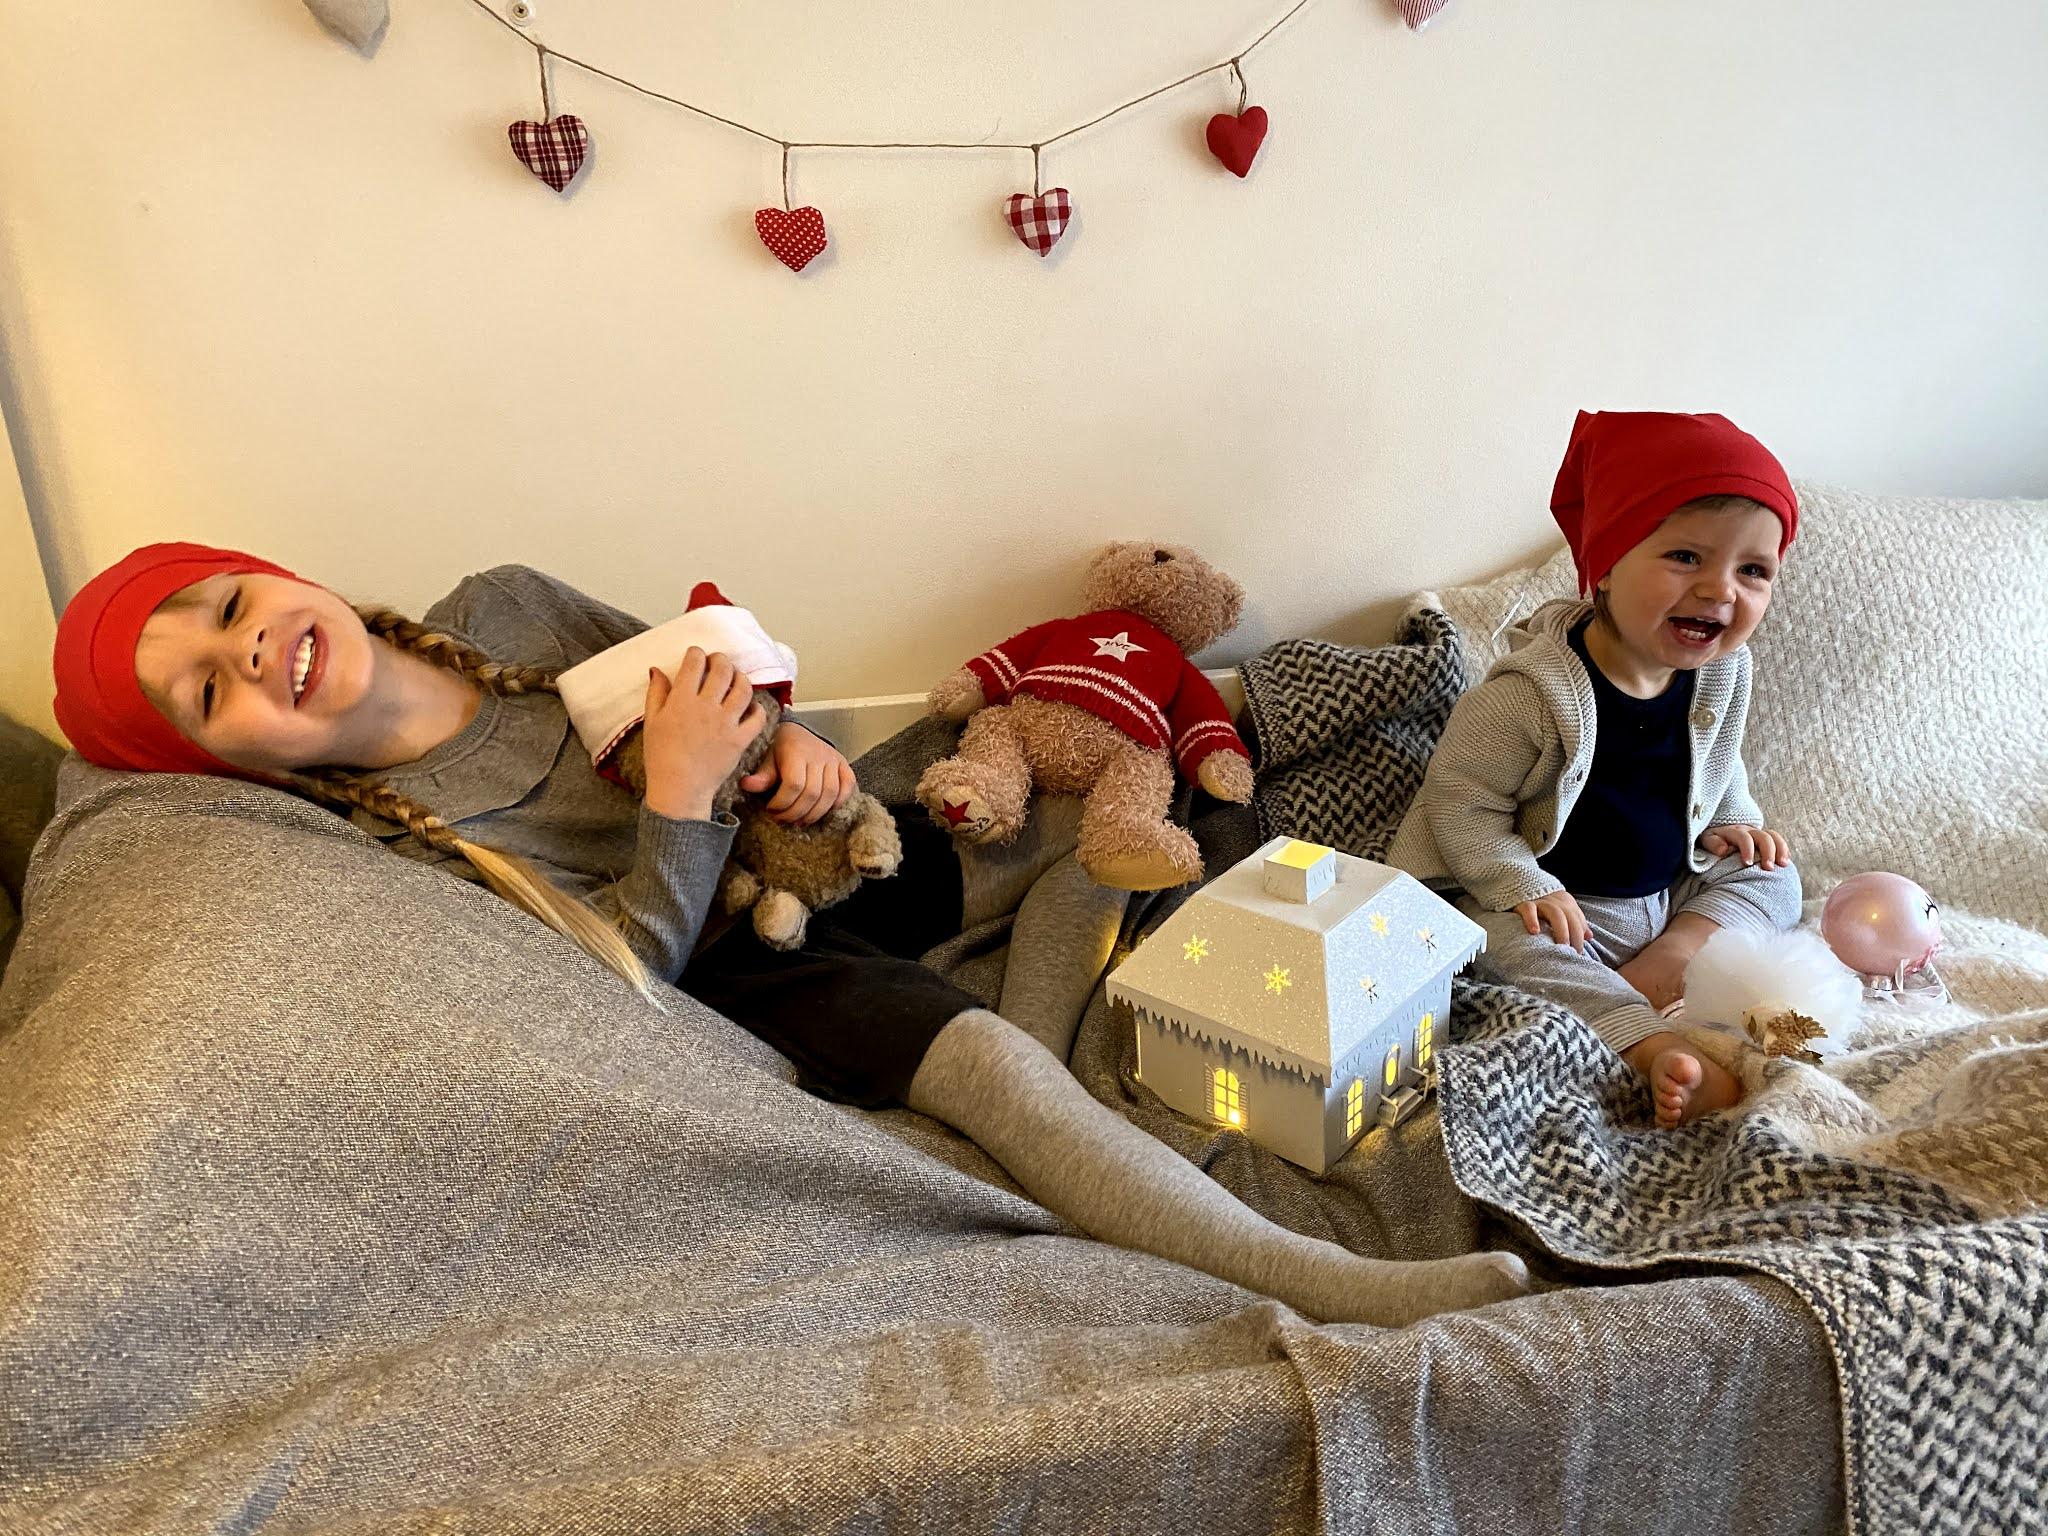 tee-se-joulukorttikuvauksessa ilo on tärkeintä